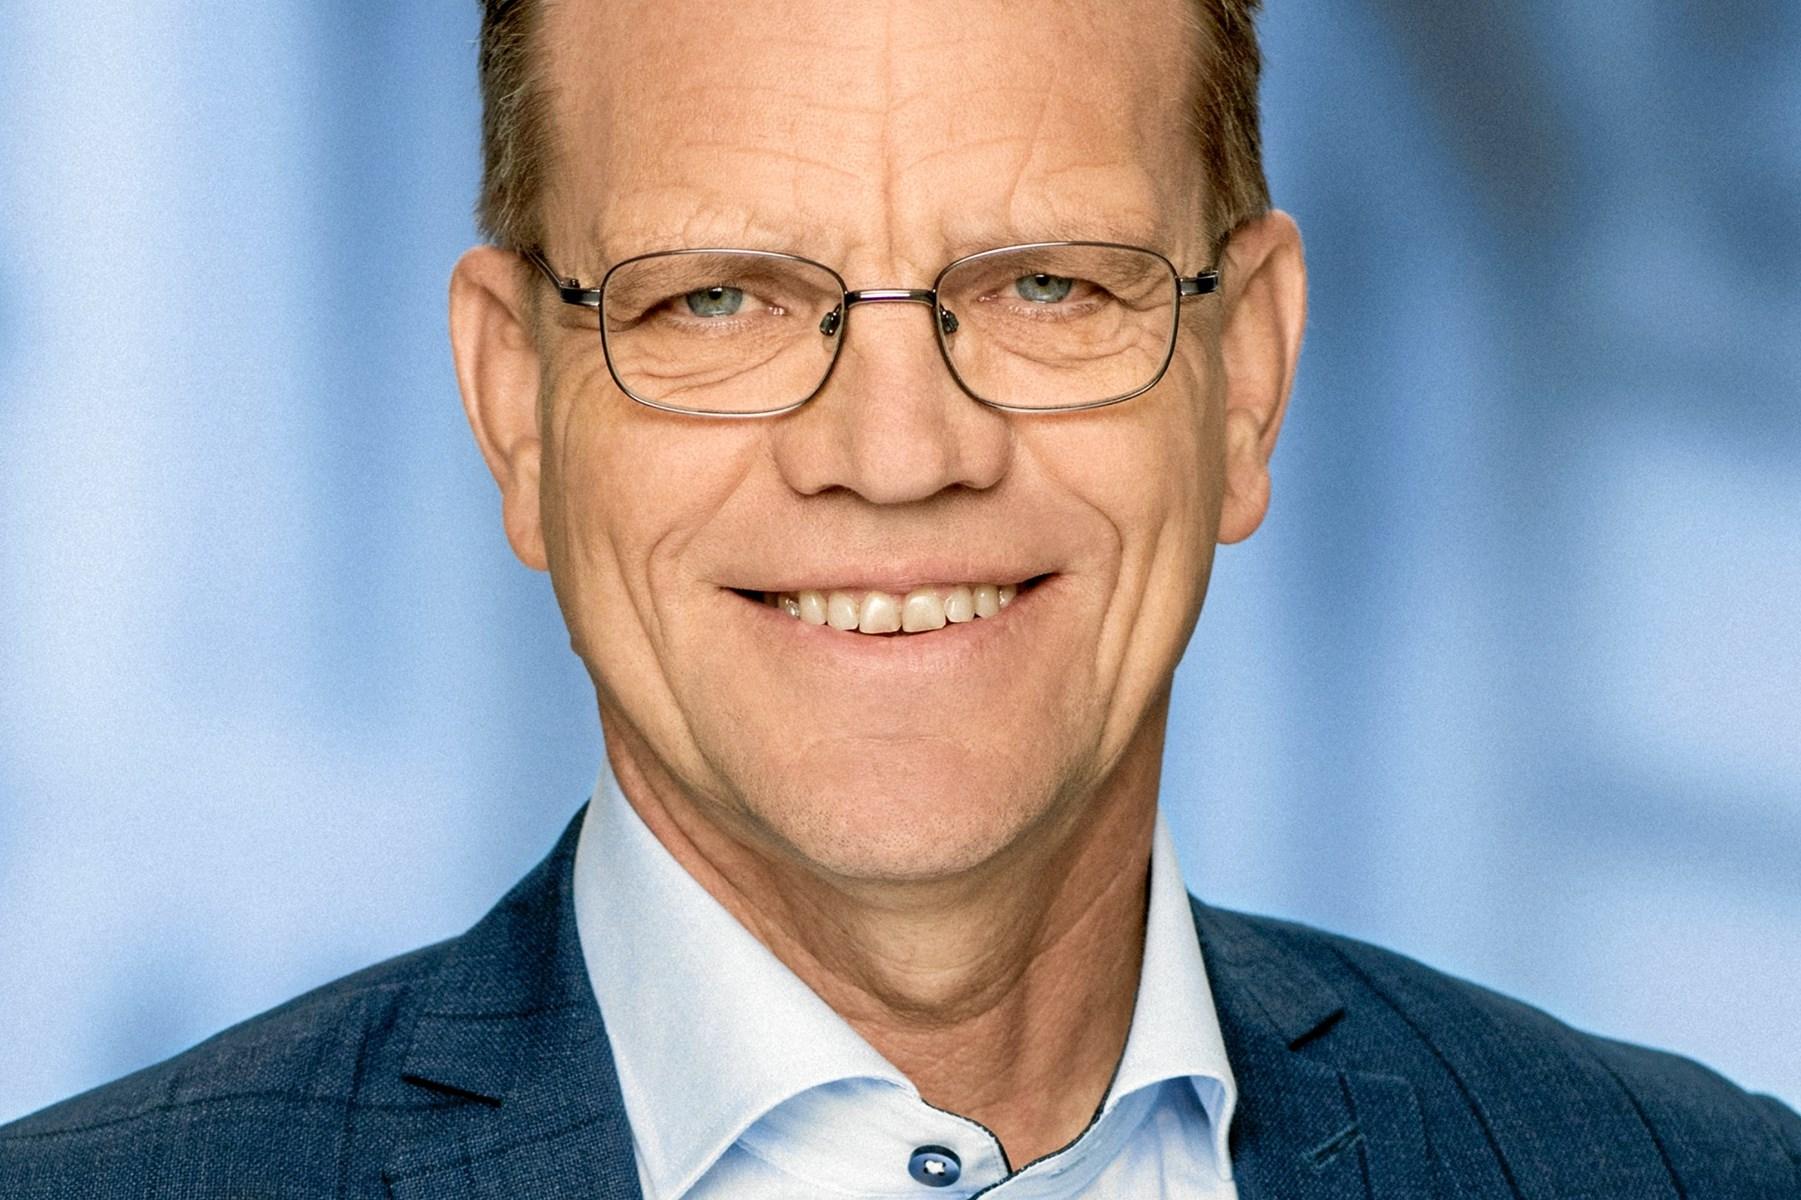 Mikael Klitgaard